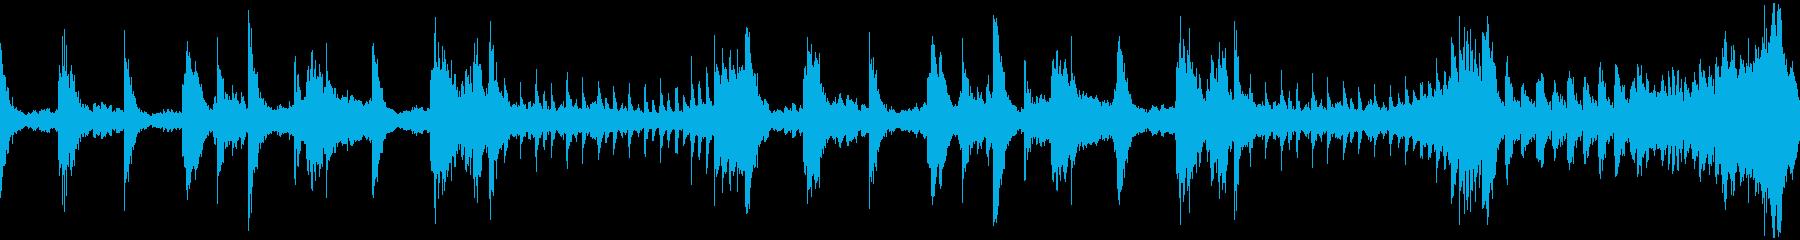 ボス前 緊張感 時間制限 ループの再生済みの波形